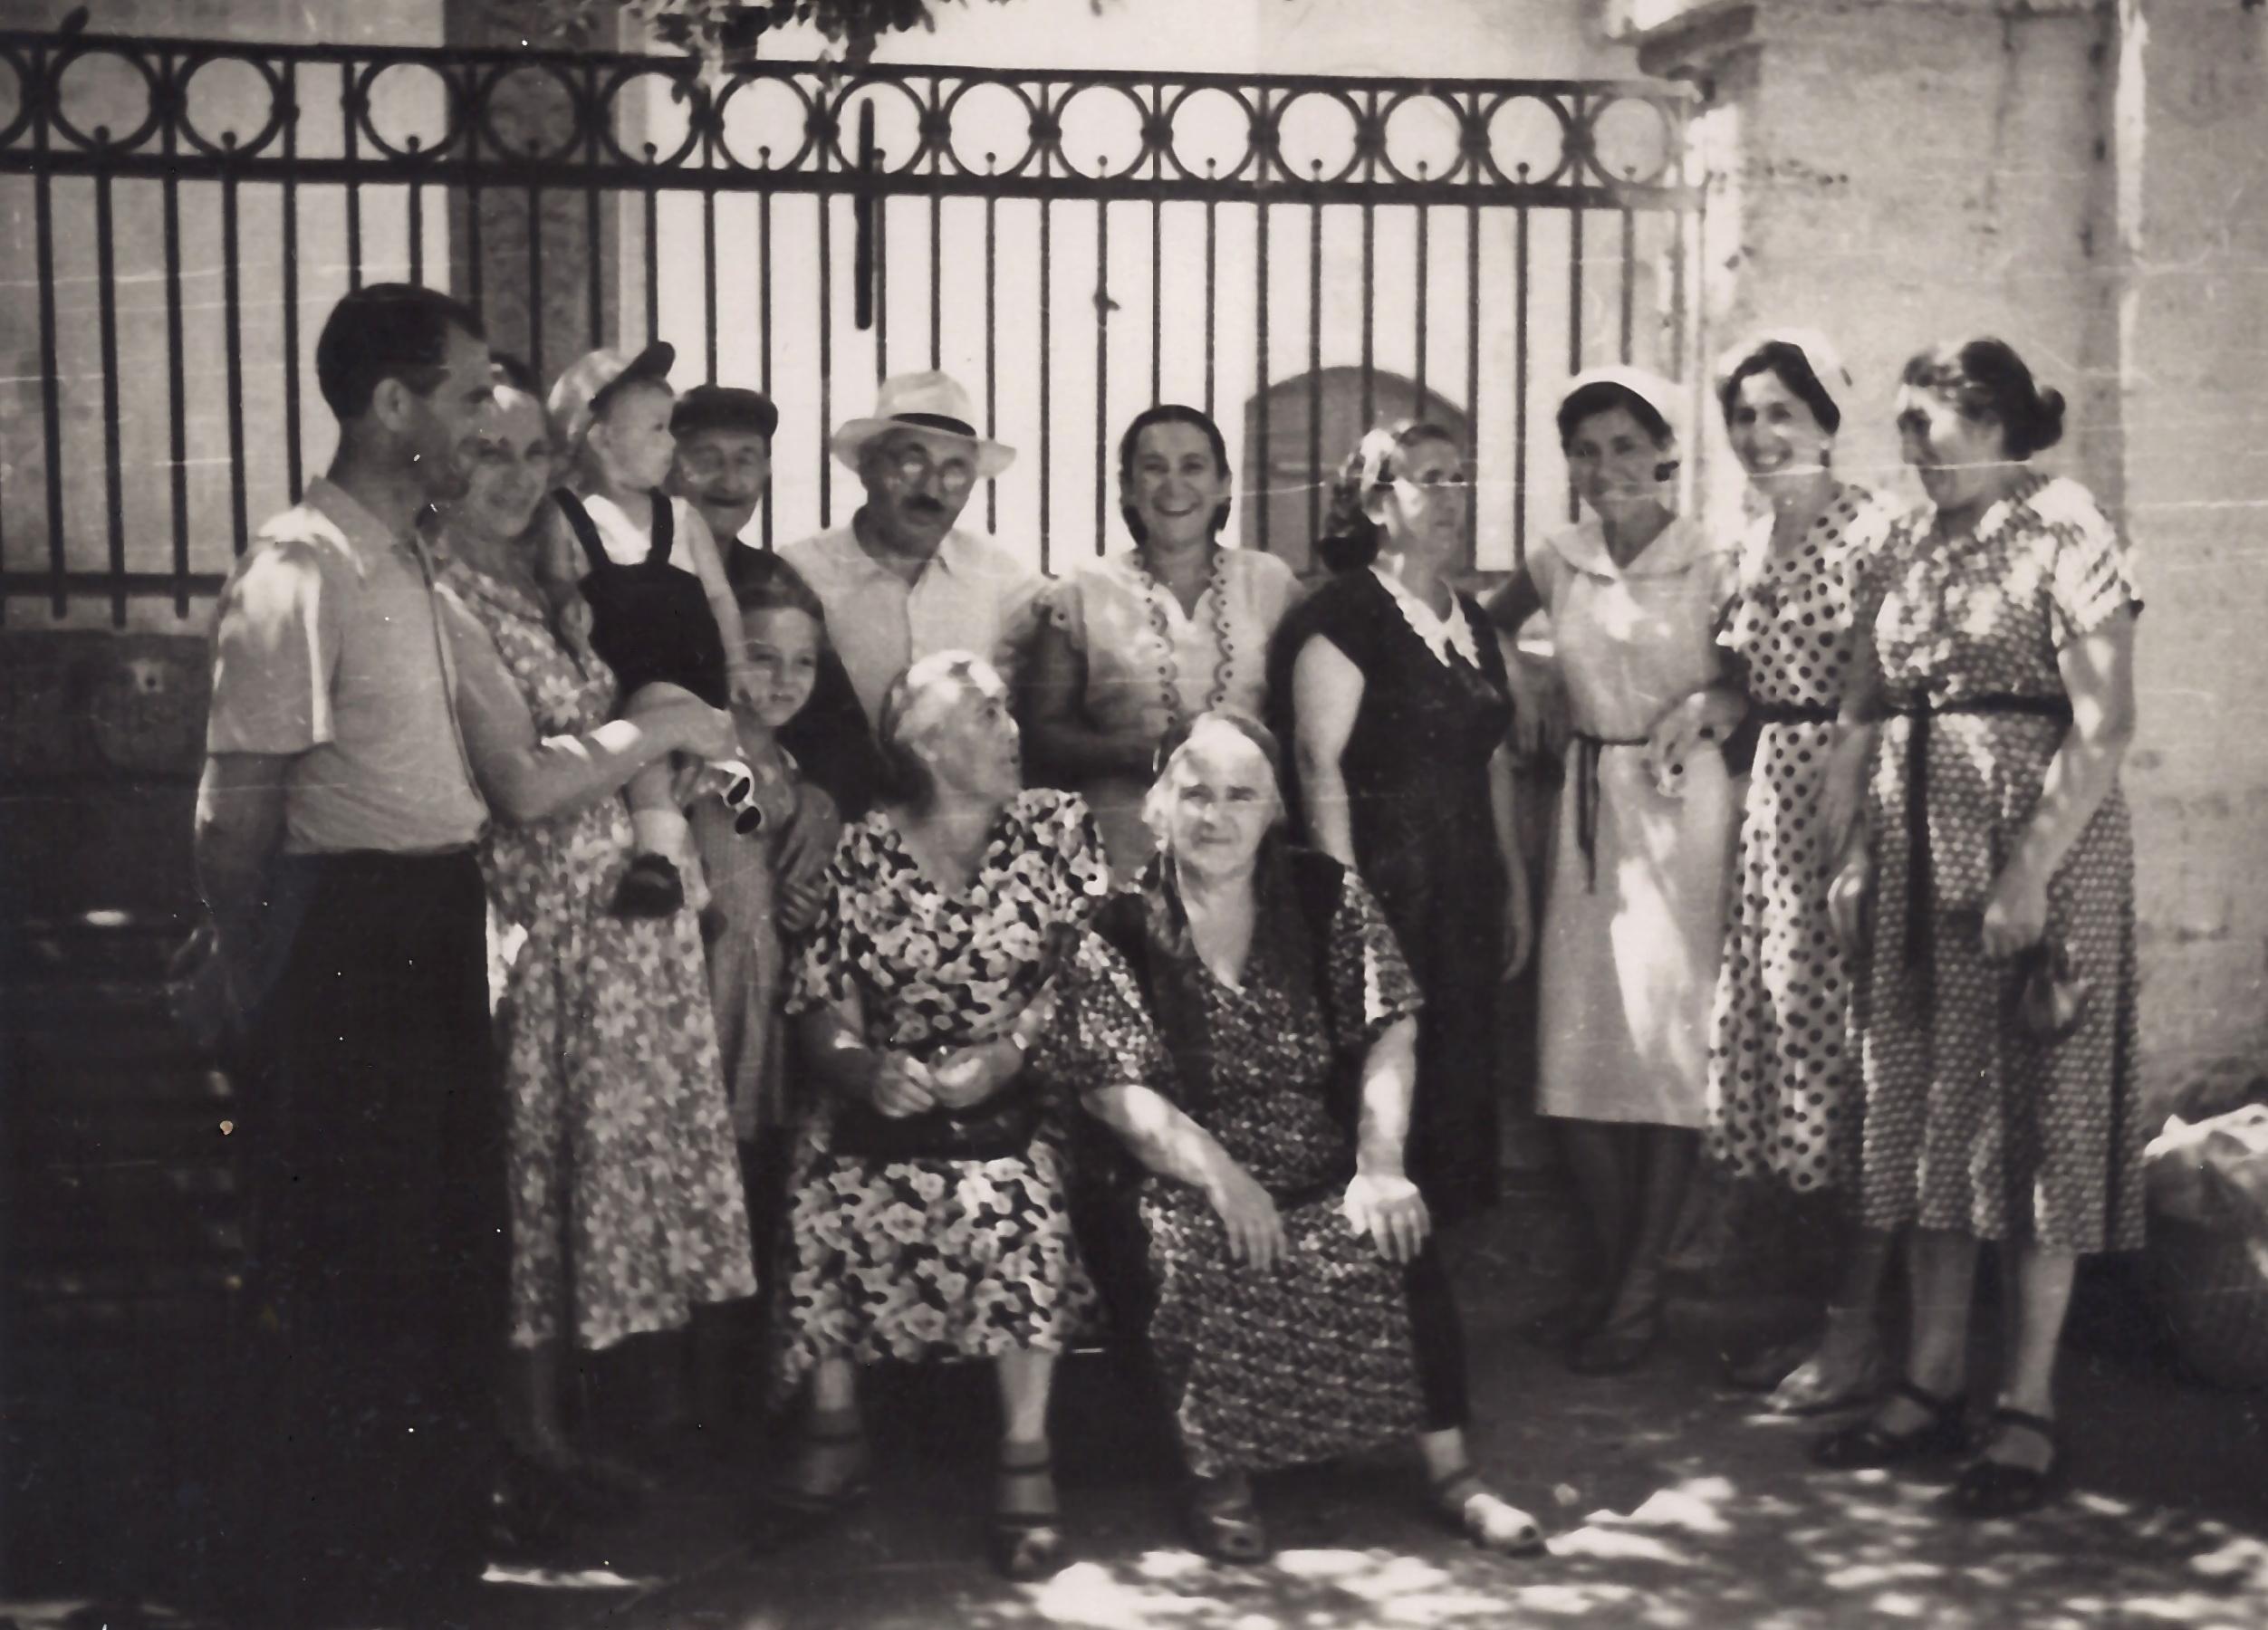 Anna Bałdży (siedzi po lewej) z członkami rodzin Mangubi i Szpakowskich oraz gośćmi z Trok: Anną i Zofią Juchniewiczównami (2. i 3. z prawej). Eupatoria, lata 60 XX w.